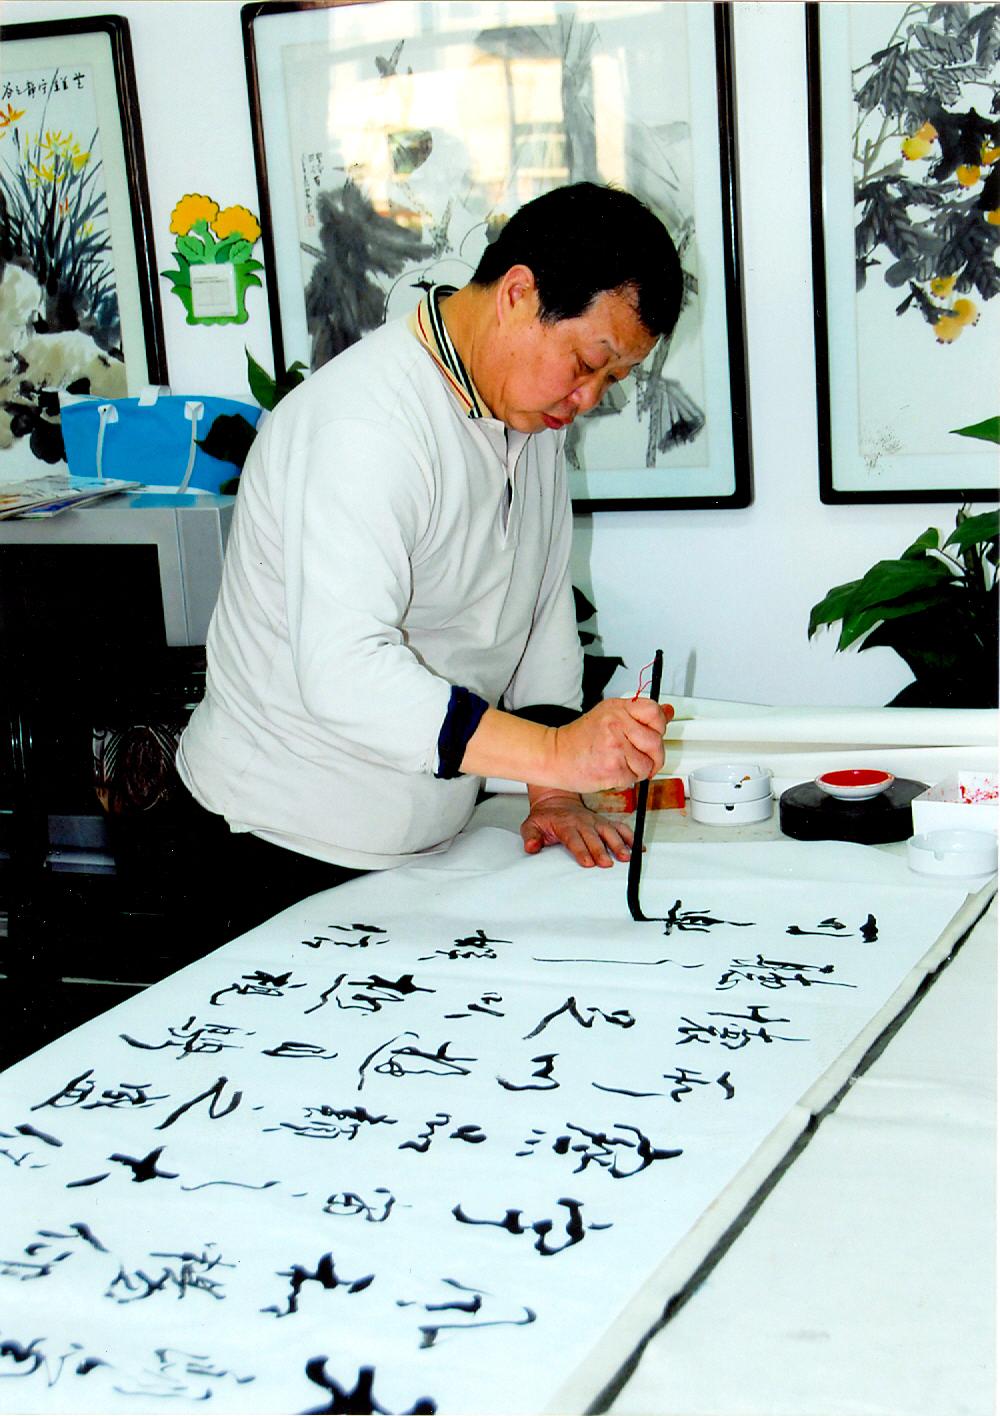 中国书法兰亭奖理论奖得主吴振锋先生评价: